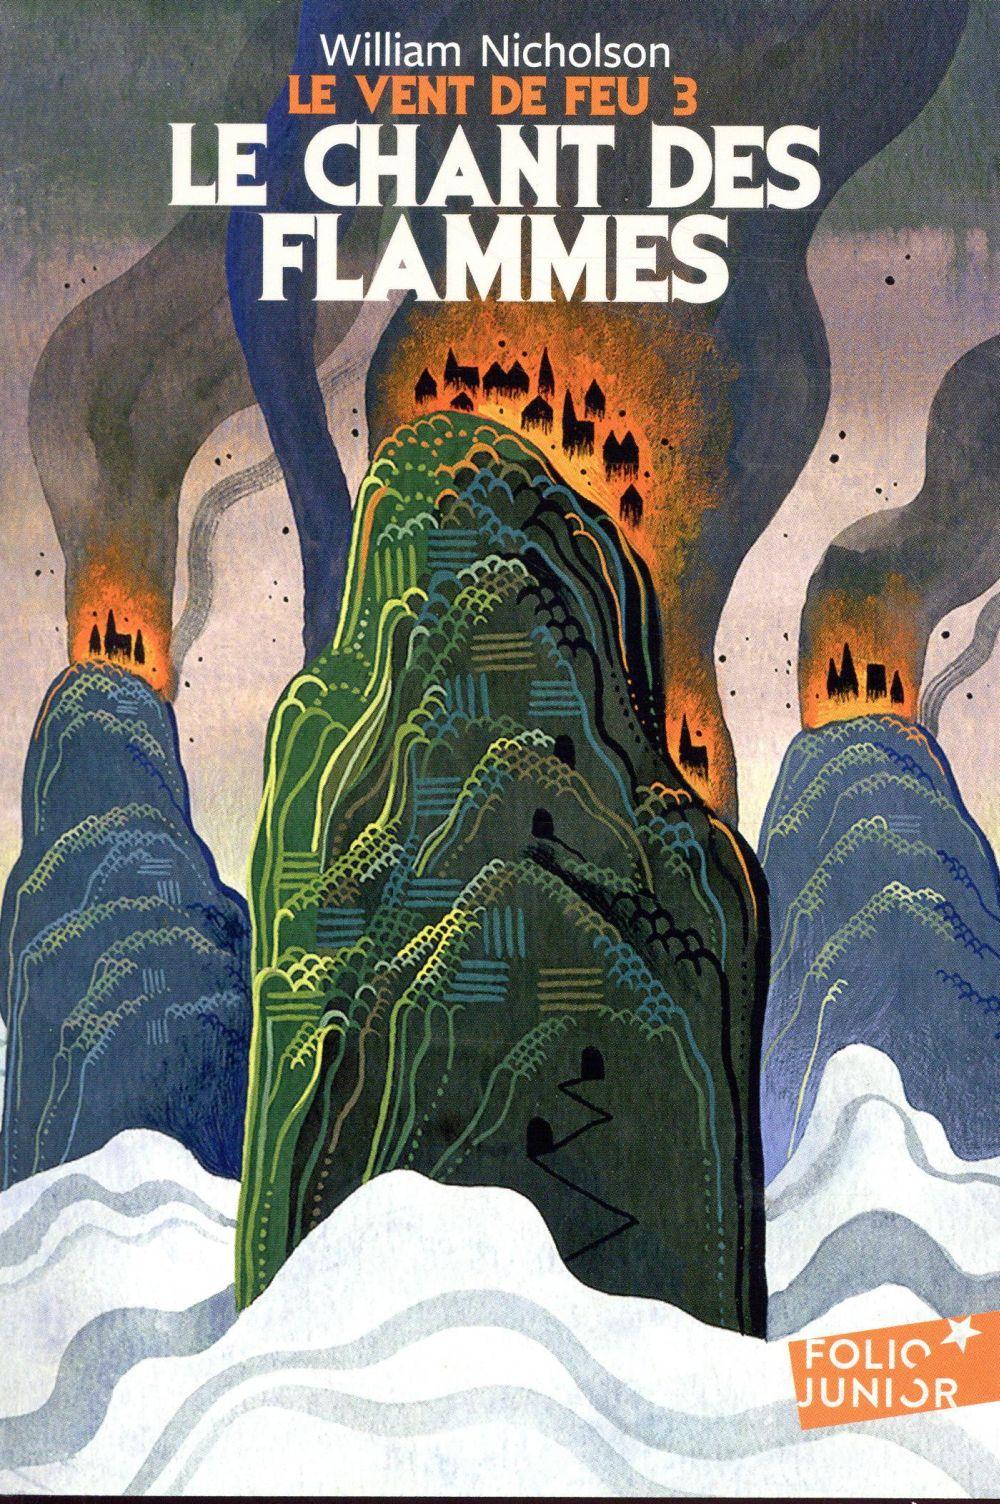 LE CHANT DES FLAMMES